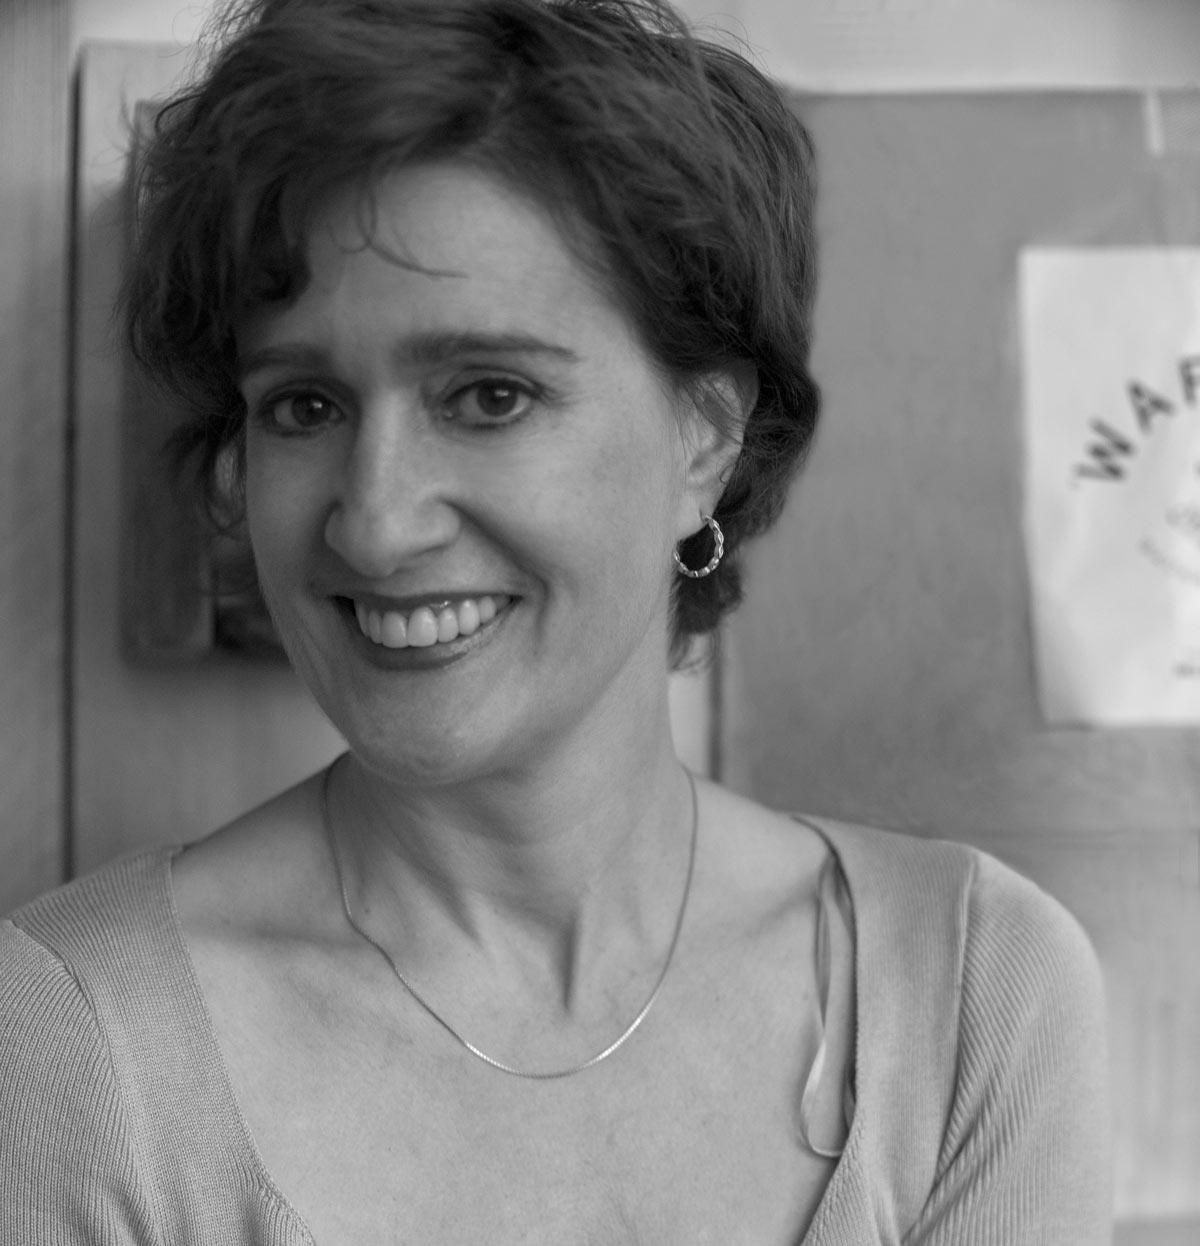 Geboren 1970 in Frankfurt am Main, ist Elisabeth Degen in Berlin aufgewachsen.